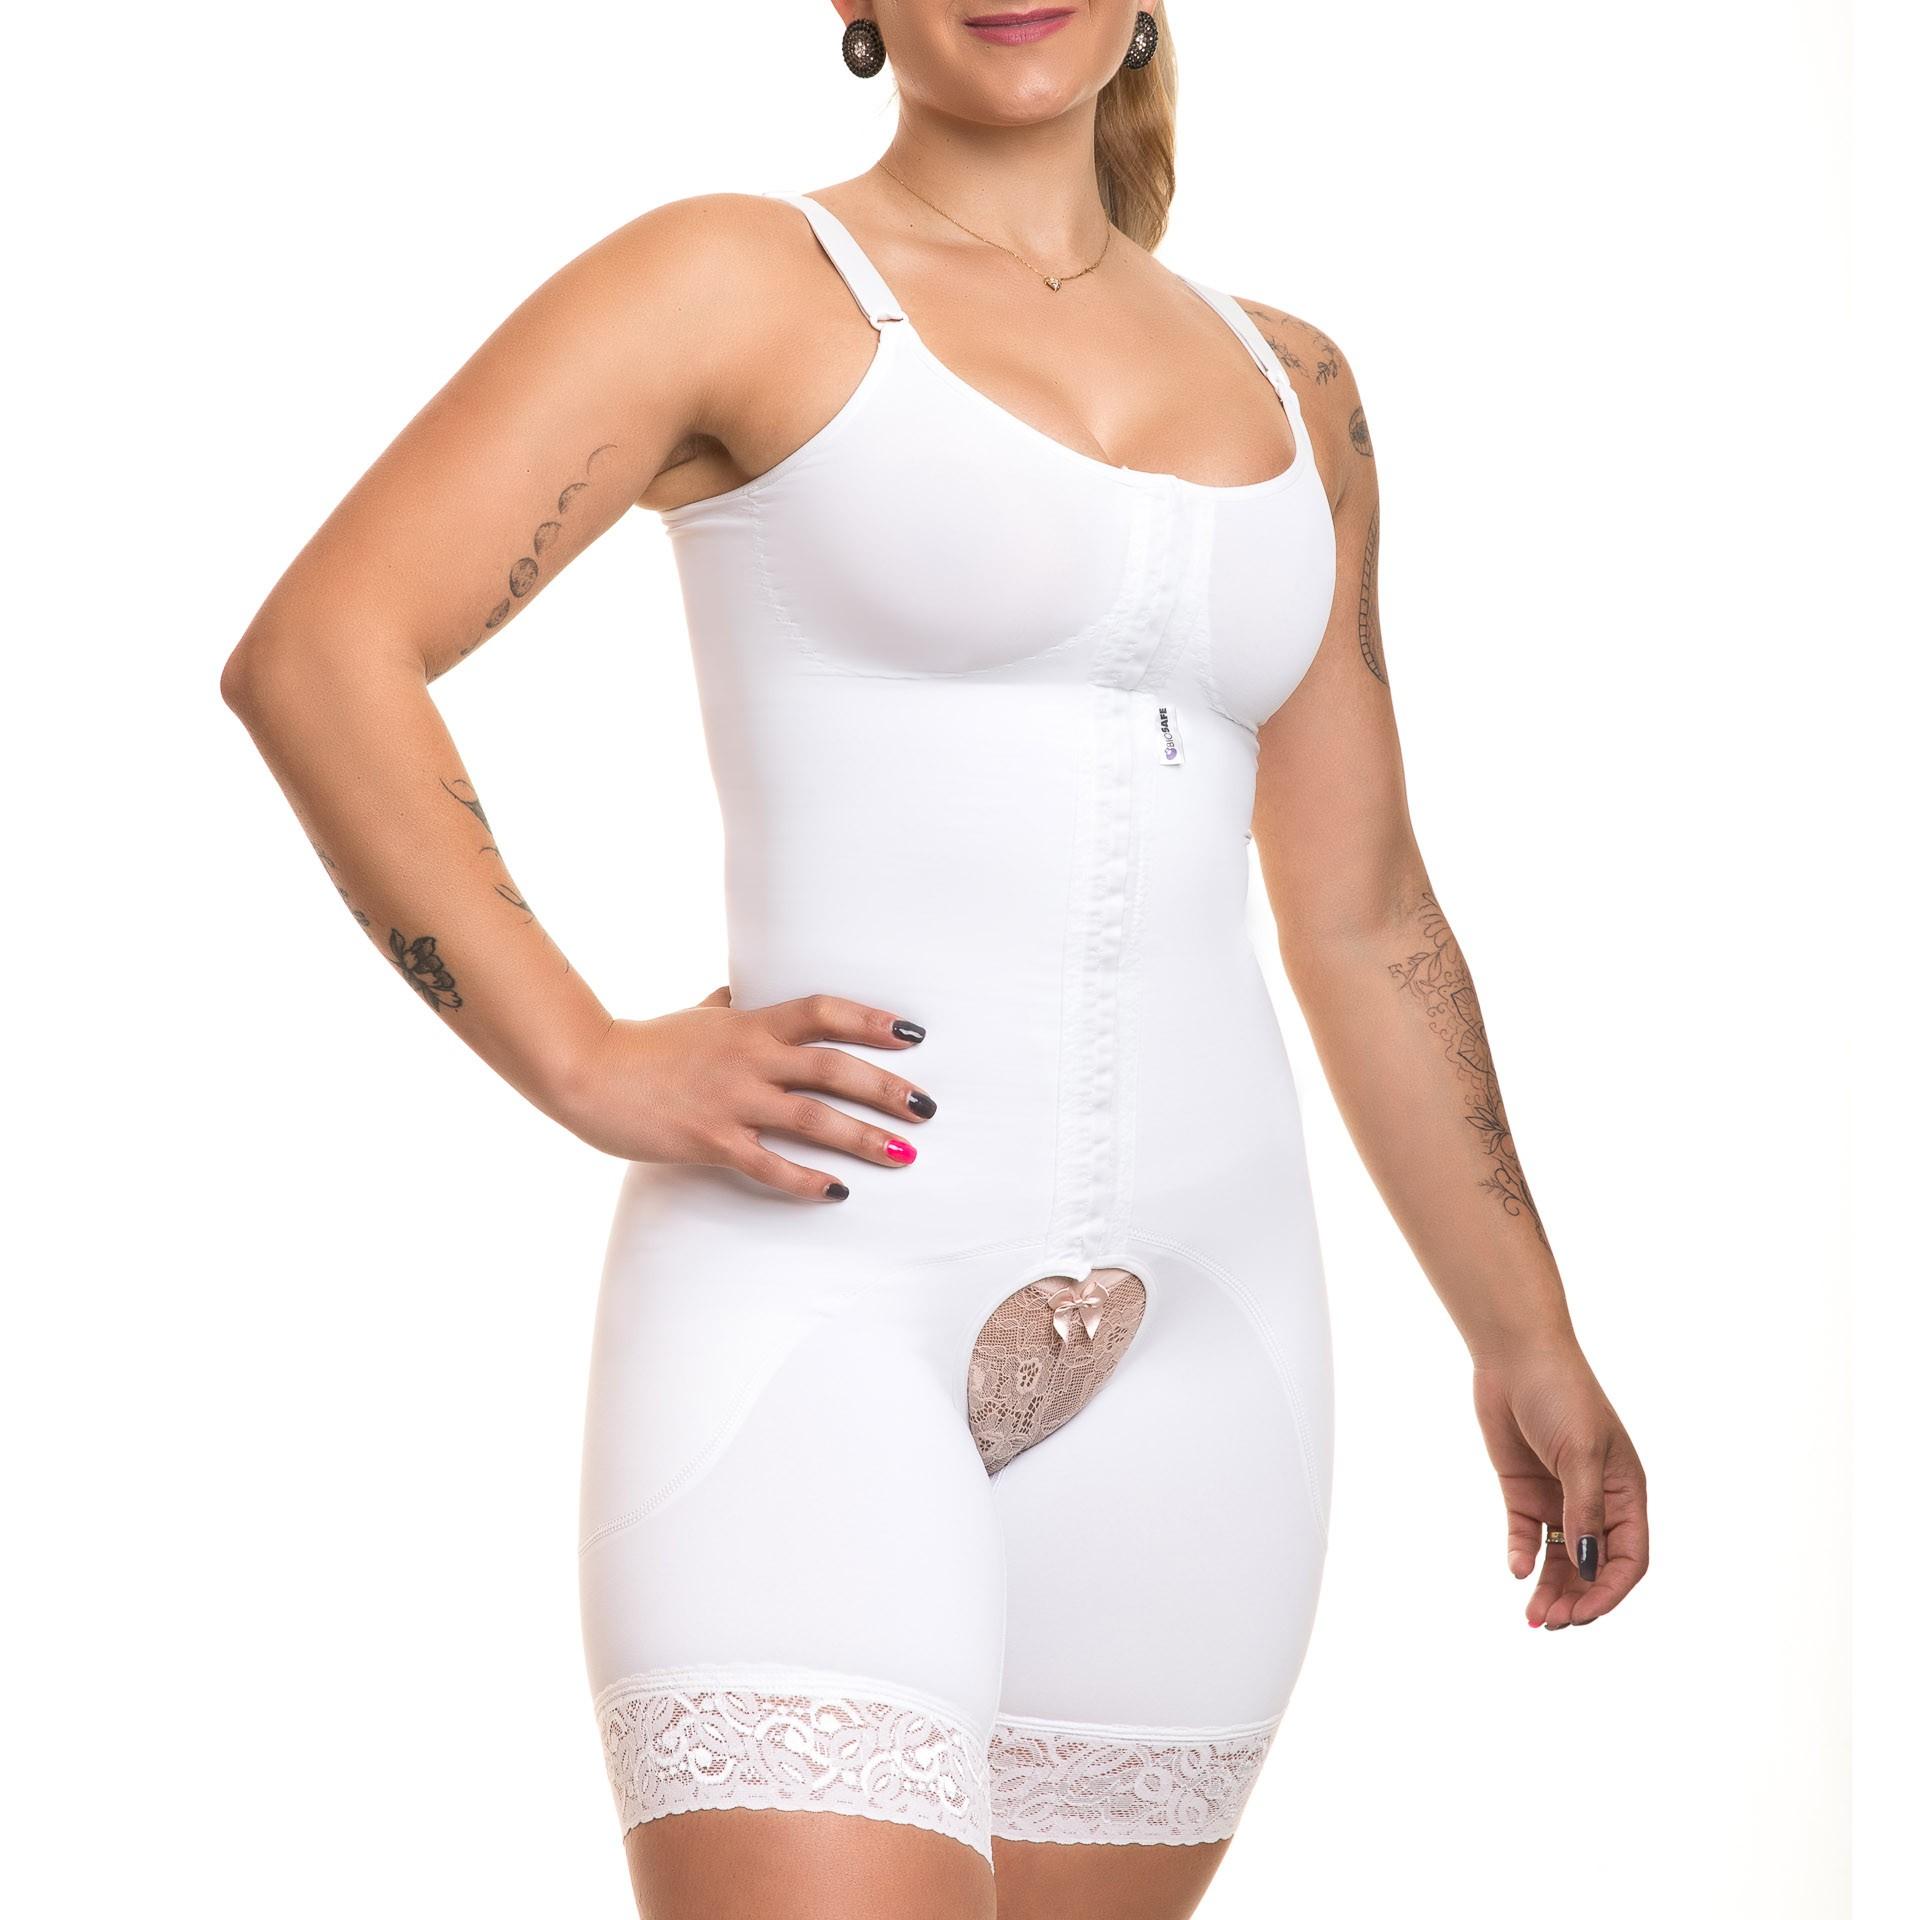 Modelador compressivo macaquinho Reabilit 8019 branco ideal p lipoaspiração abdominoplastia vibrolipoaspiração e vestido revélion melhor final de ano